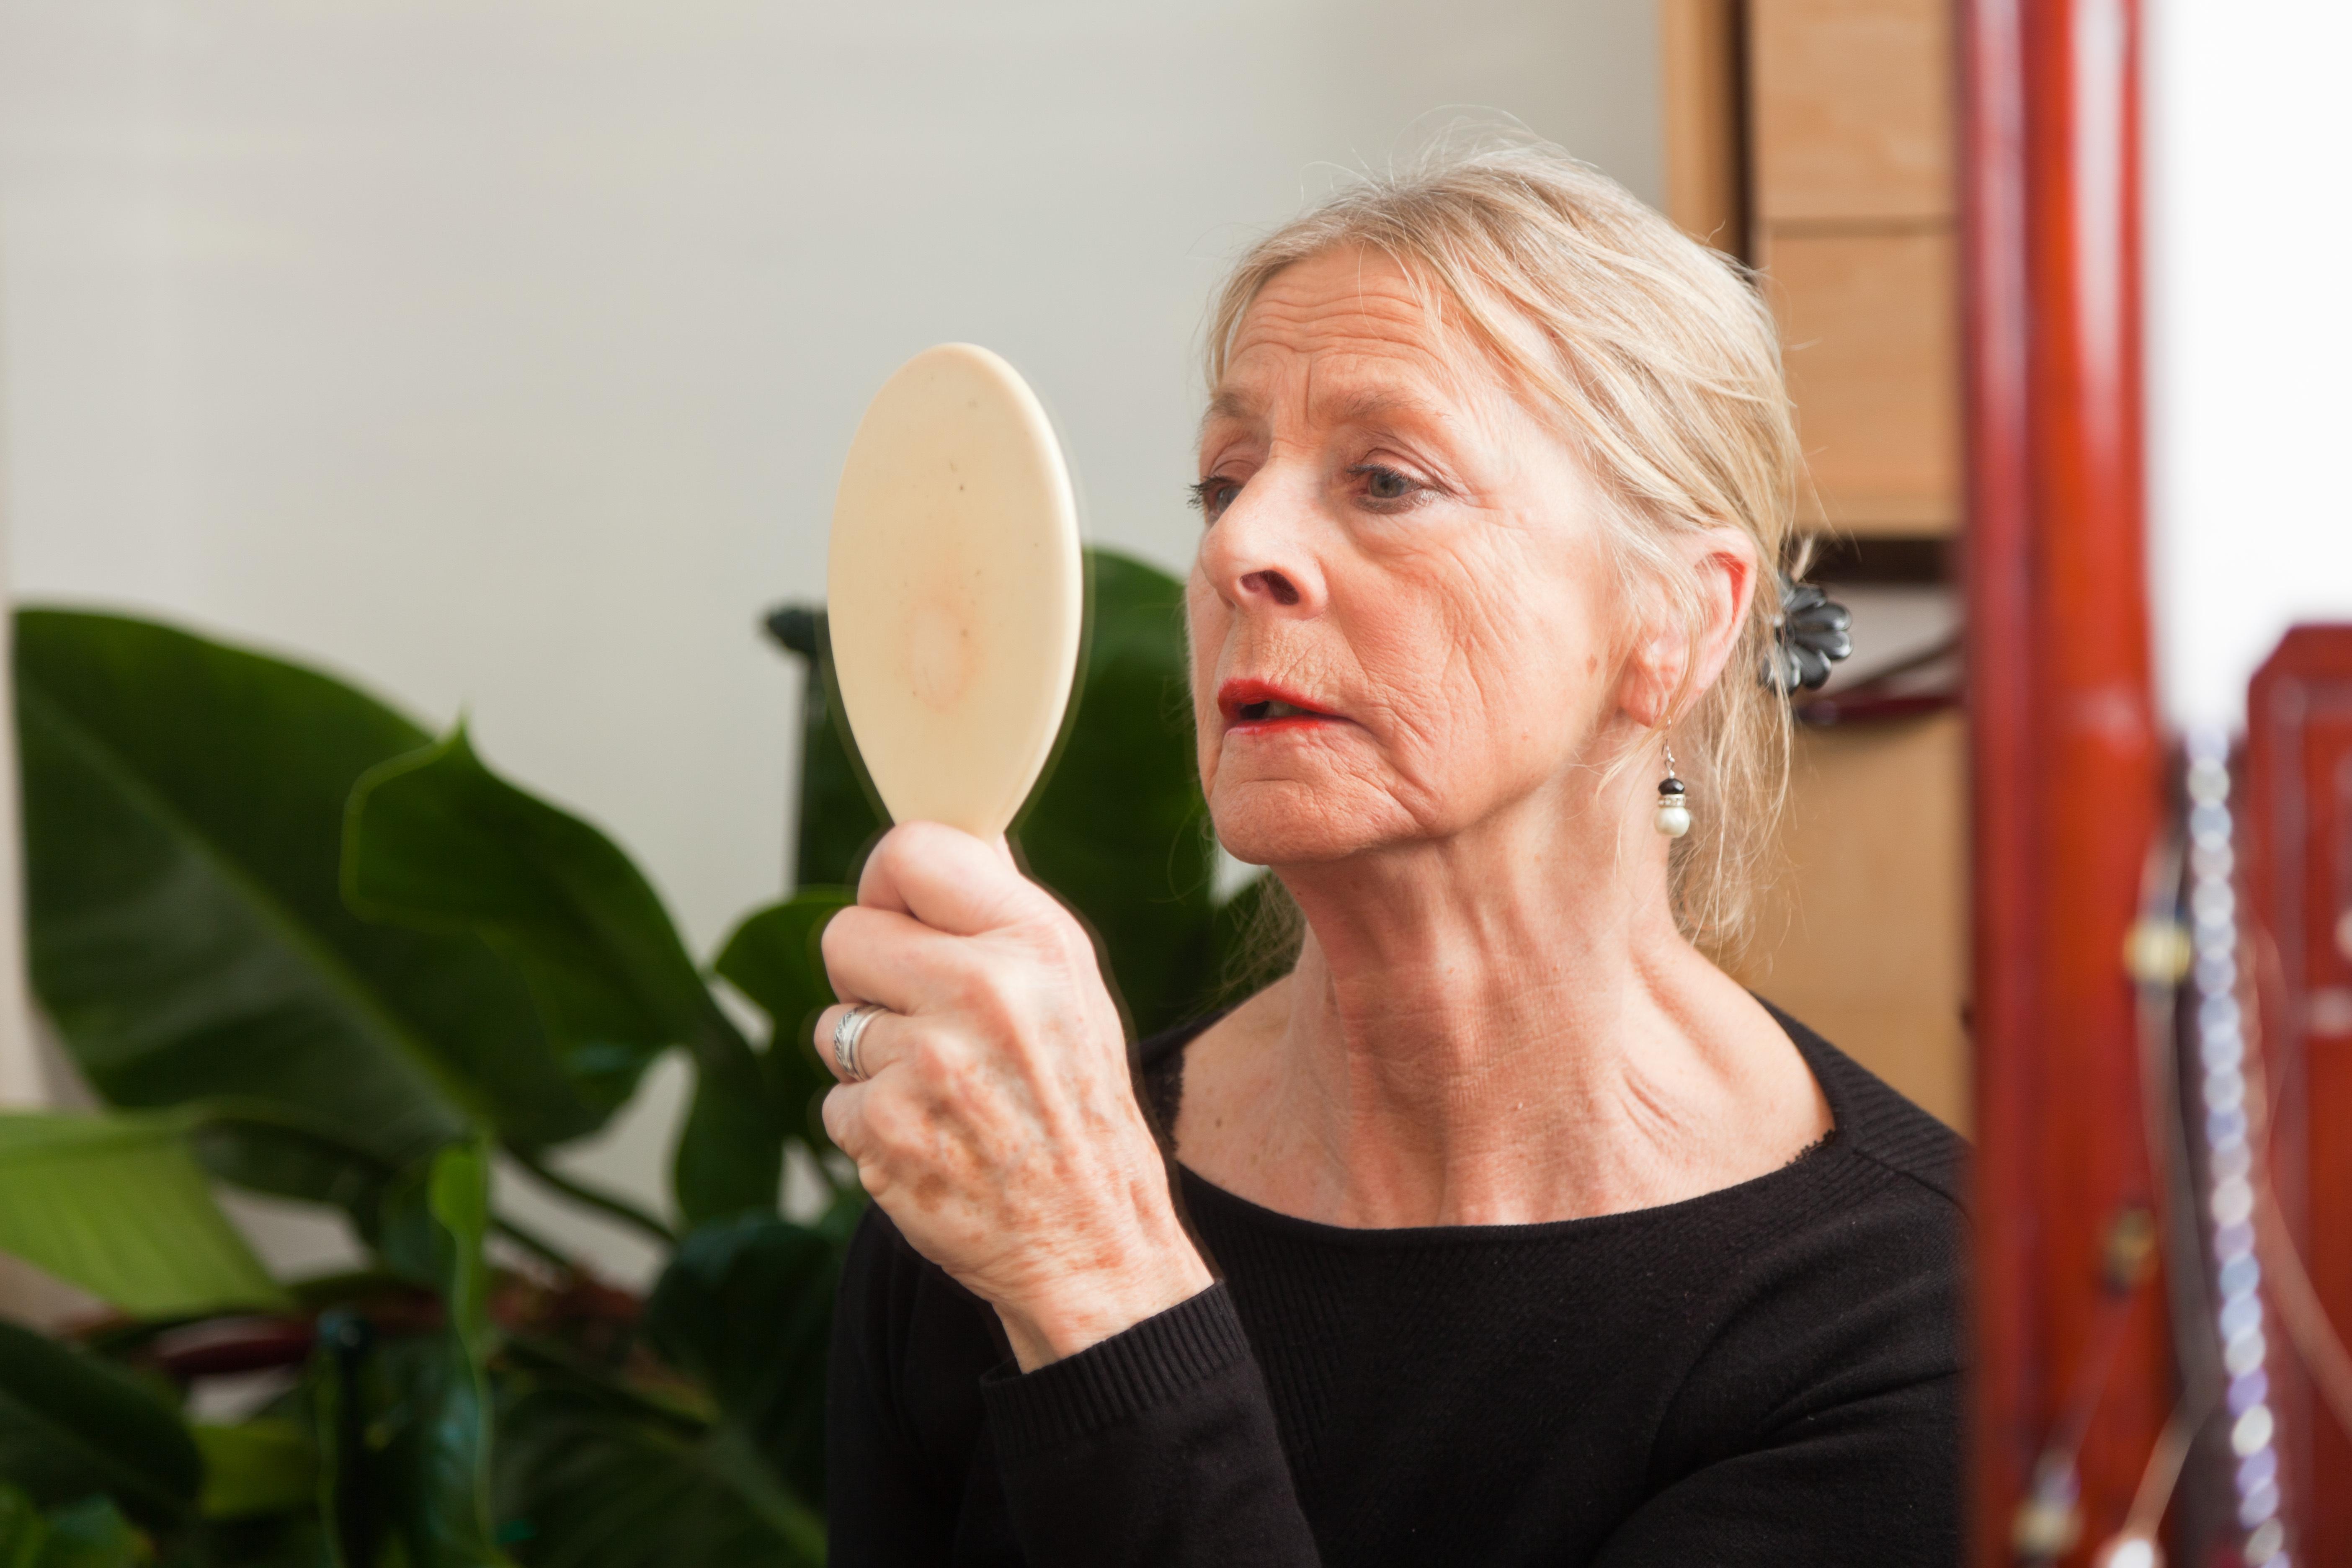 Vår livsstil, och även sjukdomar, inverkar på hudens utseende och åldrande.